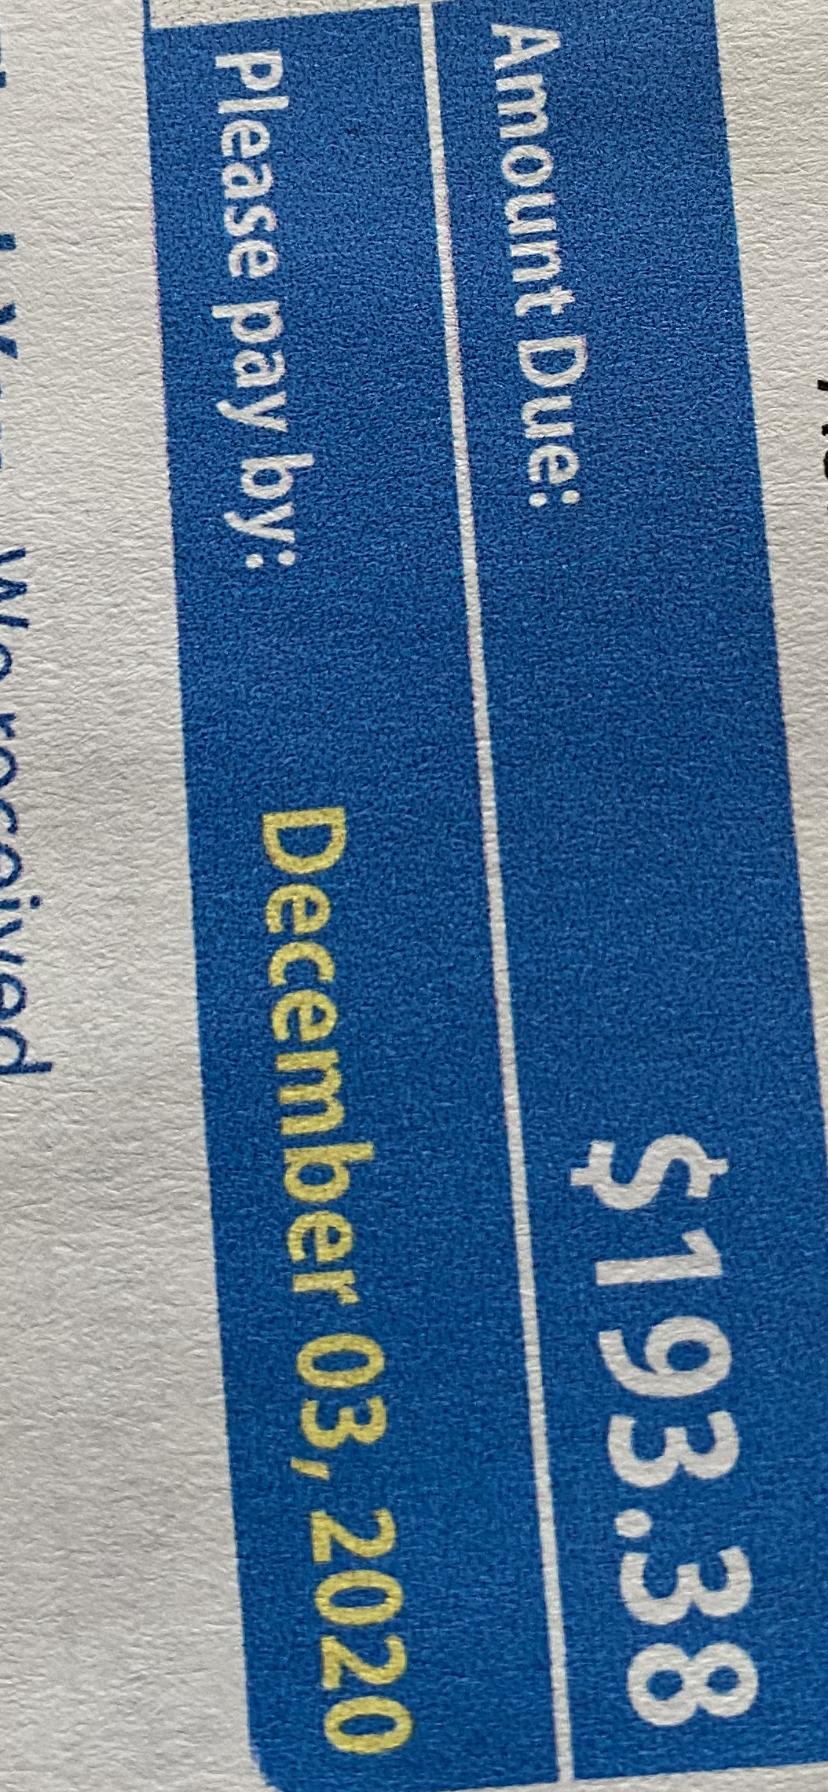 BDDE64D1-DE1B-4BDE-ACA5-CCA6399DF6EB.png